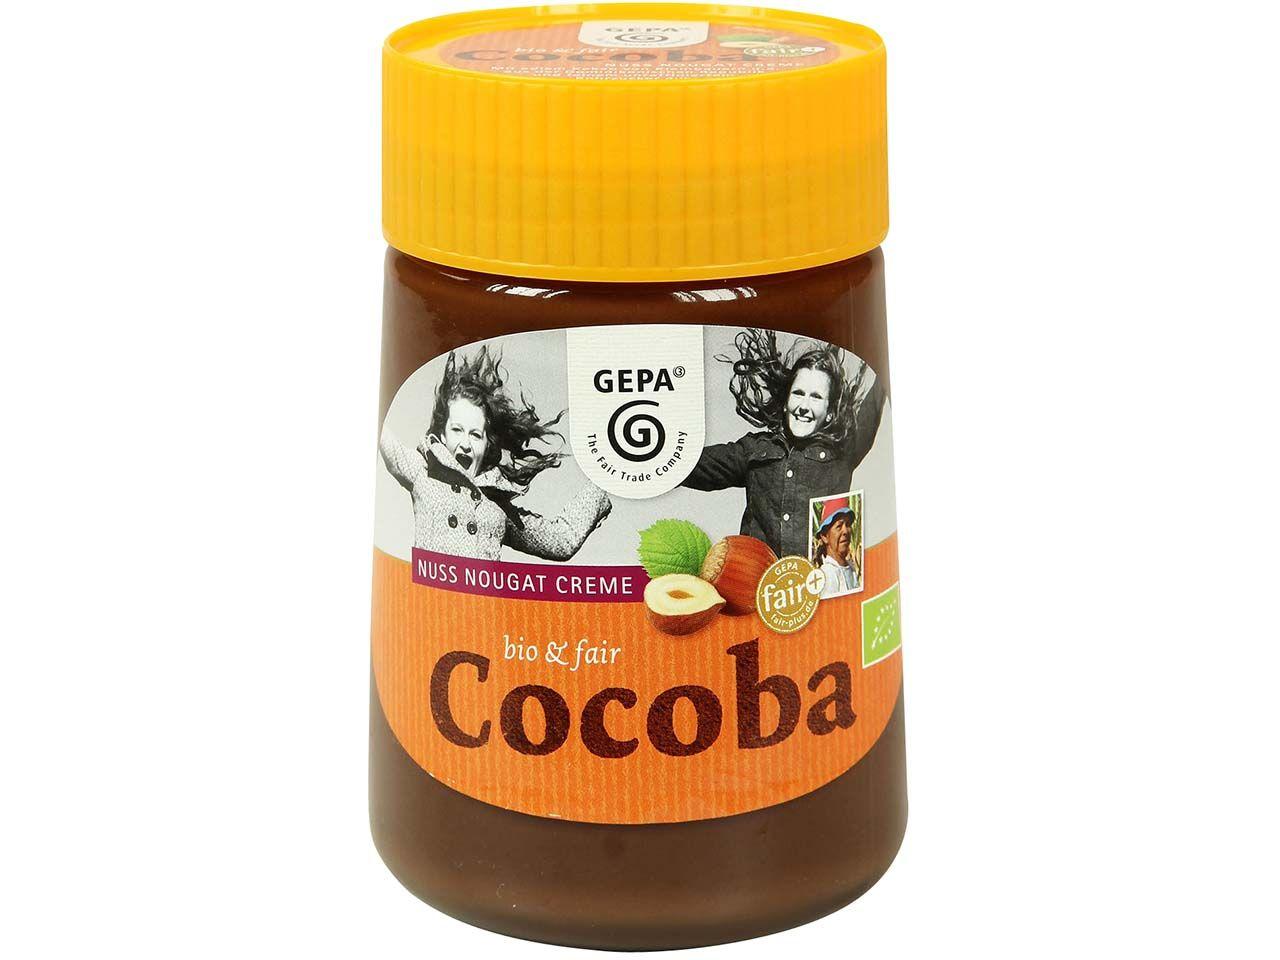 GEPA Bio Cocoba Nuss Nougat Creme 400g 8911878